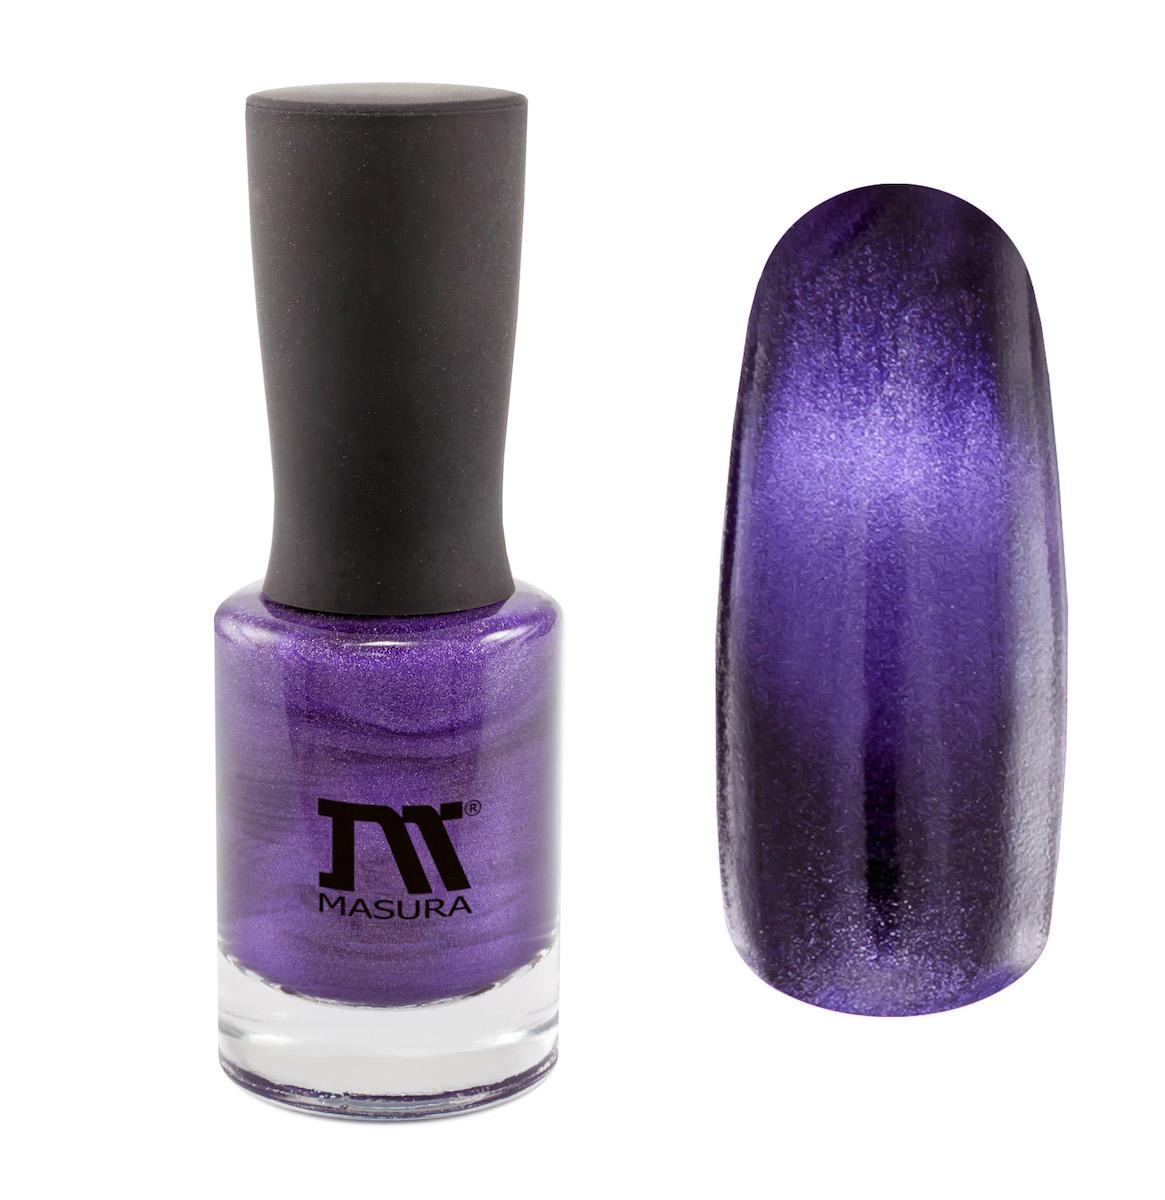 Masura Лак для ногтей Лиловый Ангелит, 11 мл904-169глубокий пурпурный, с сиреневым подтоном, плотный